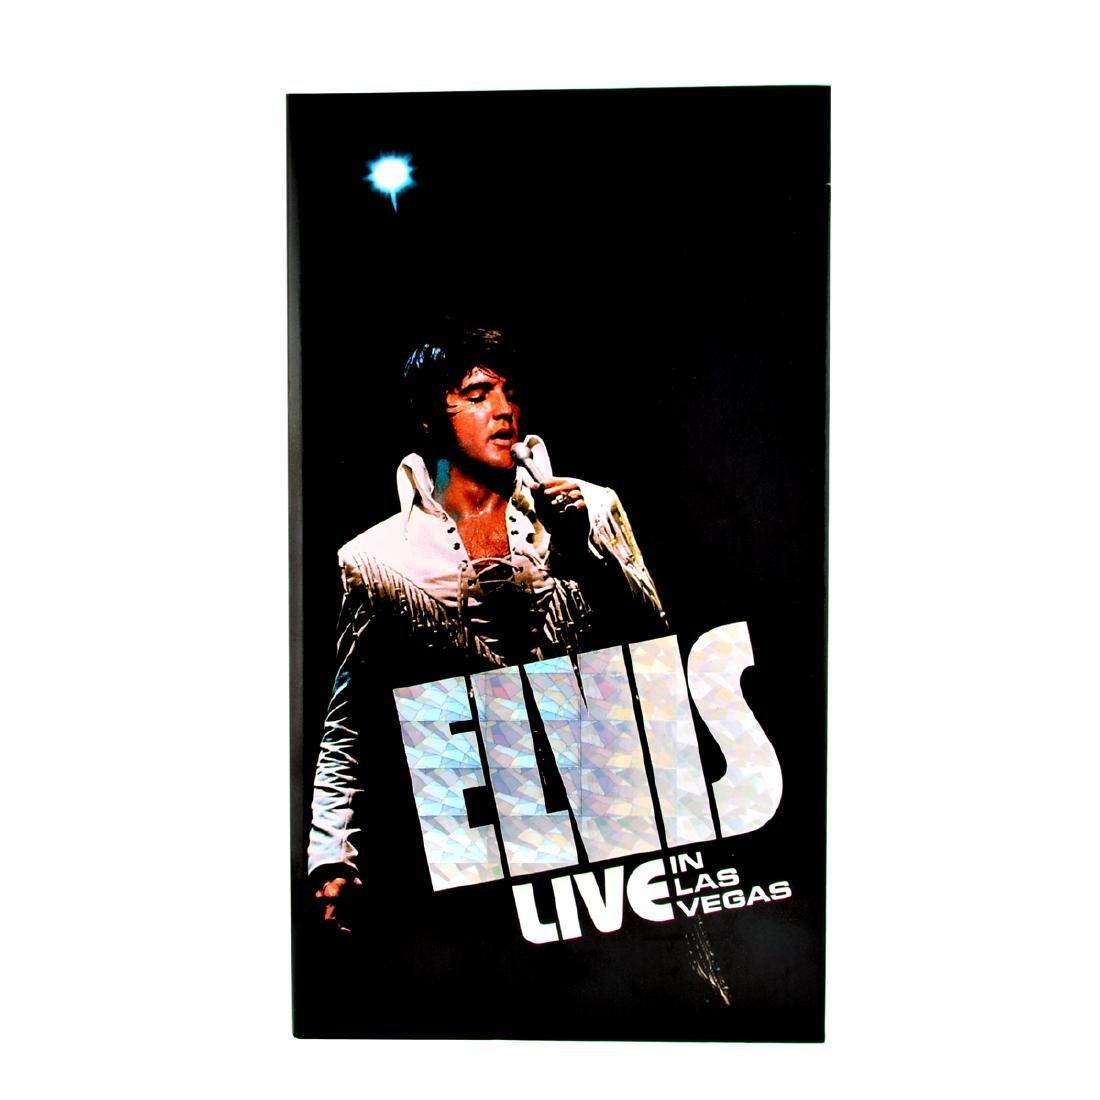 Elvis Presley 4 CD's Live In Las Vegas